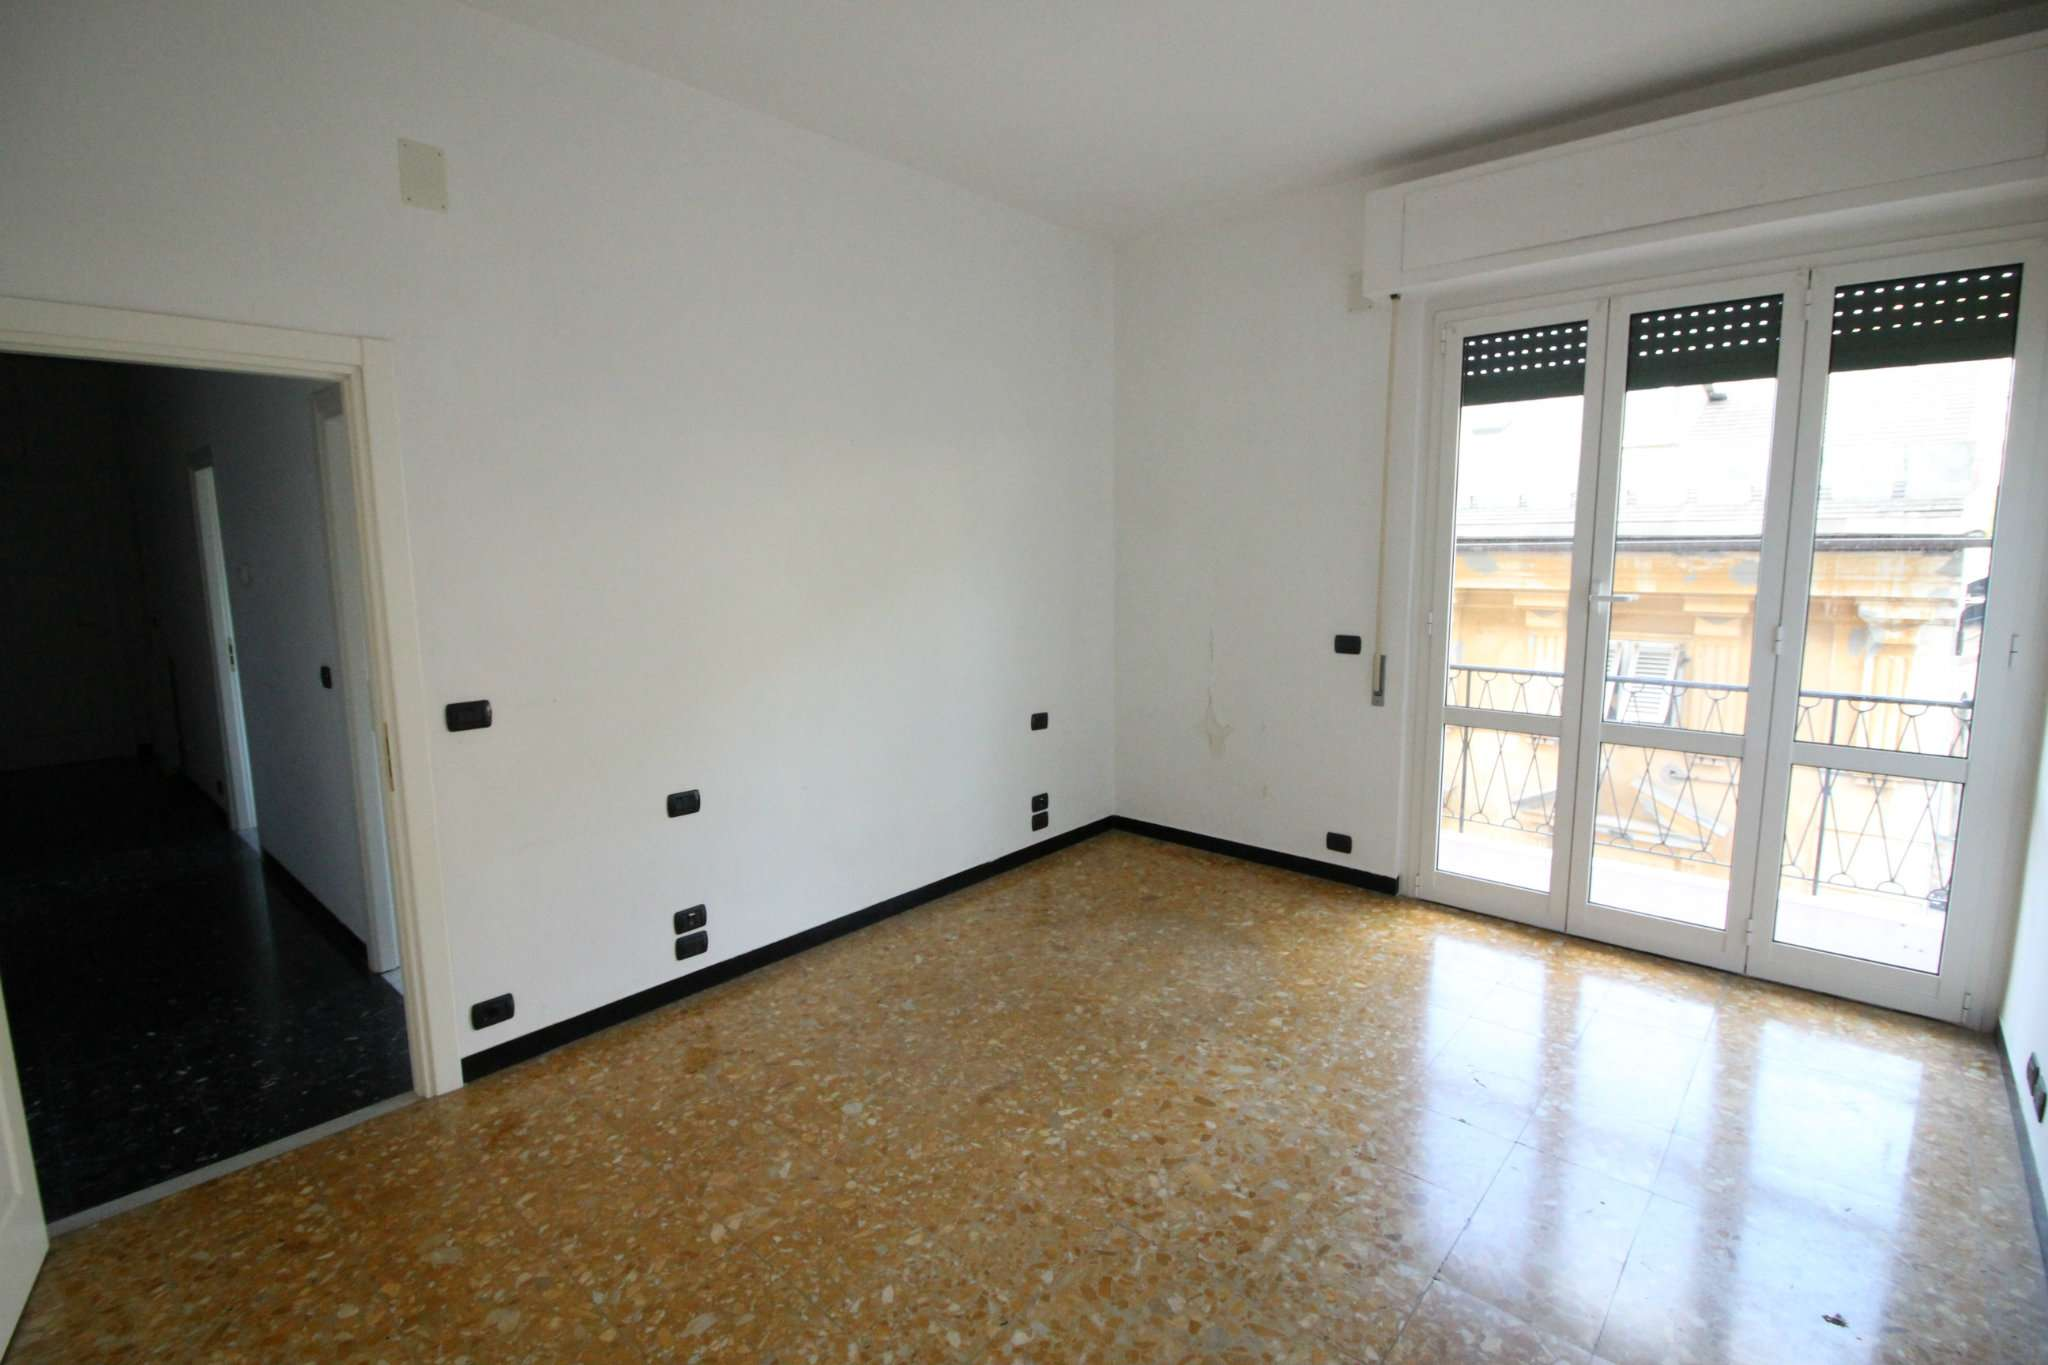 Appartamento in affitto a Sori, 3 locali, prezzo € 550 | PortaleAgenzieImmobiliari.it